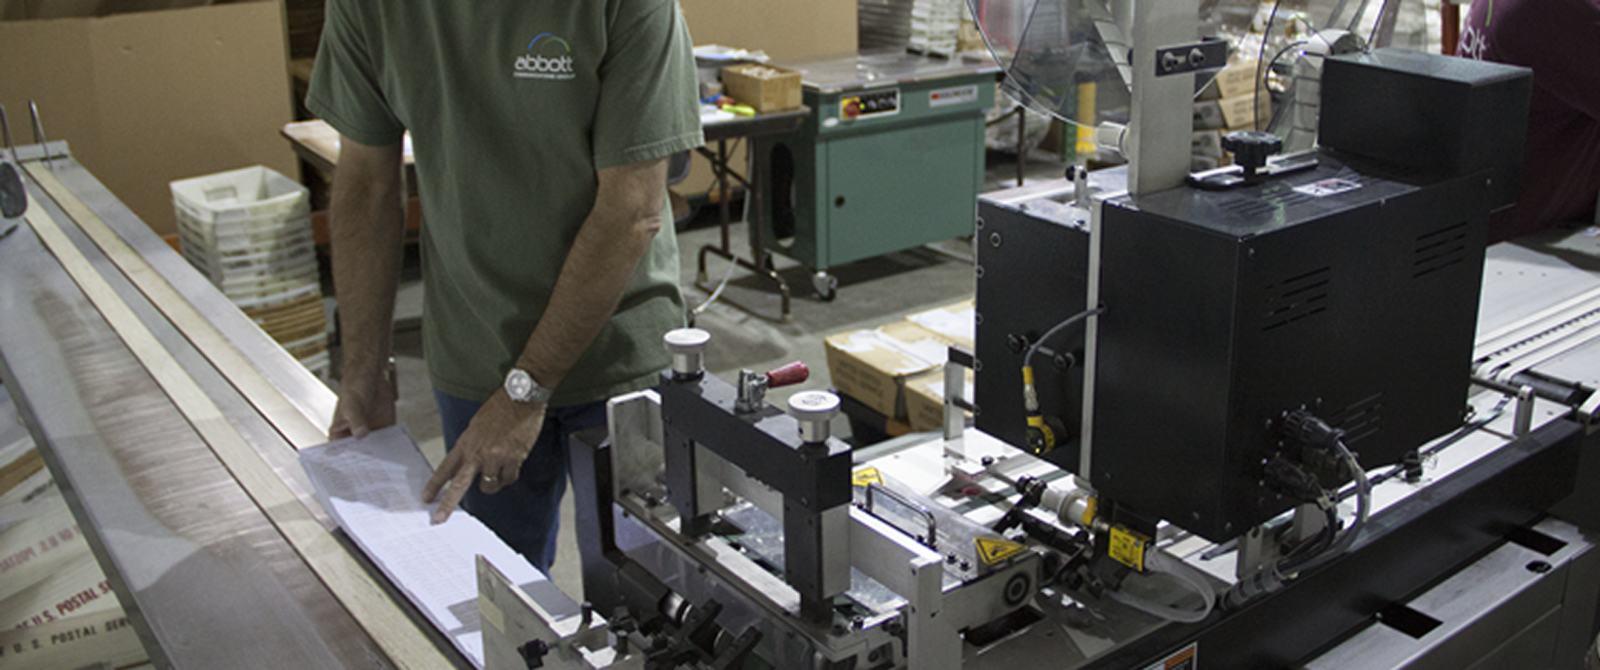 Abbott Employee printing